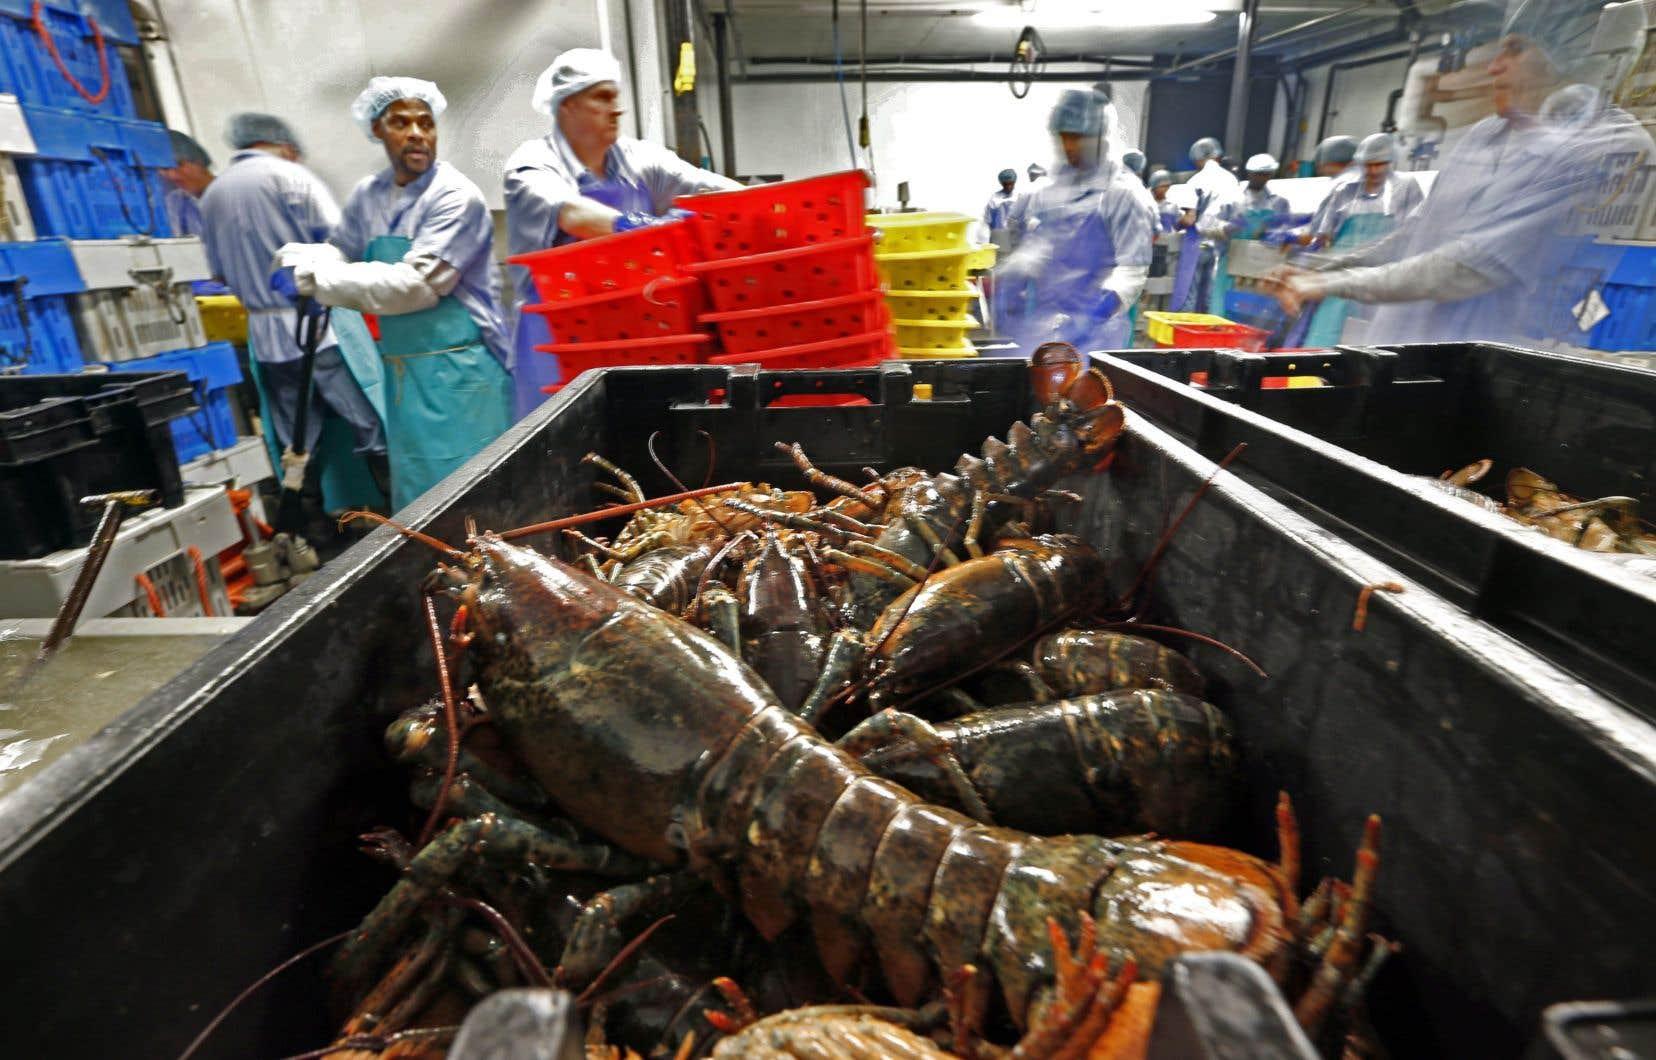 L'Association des transformateurs de homard du Nouveau-Brunswick et de la Nouvelle-Écosse soutient que son secteur subit des retards en raison d'un changement récent qui fait que les travailleurs migrants doivent se soumettre à un contrôle biométrique.